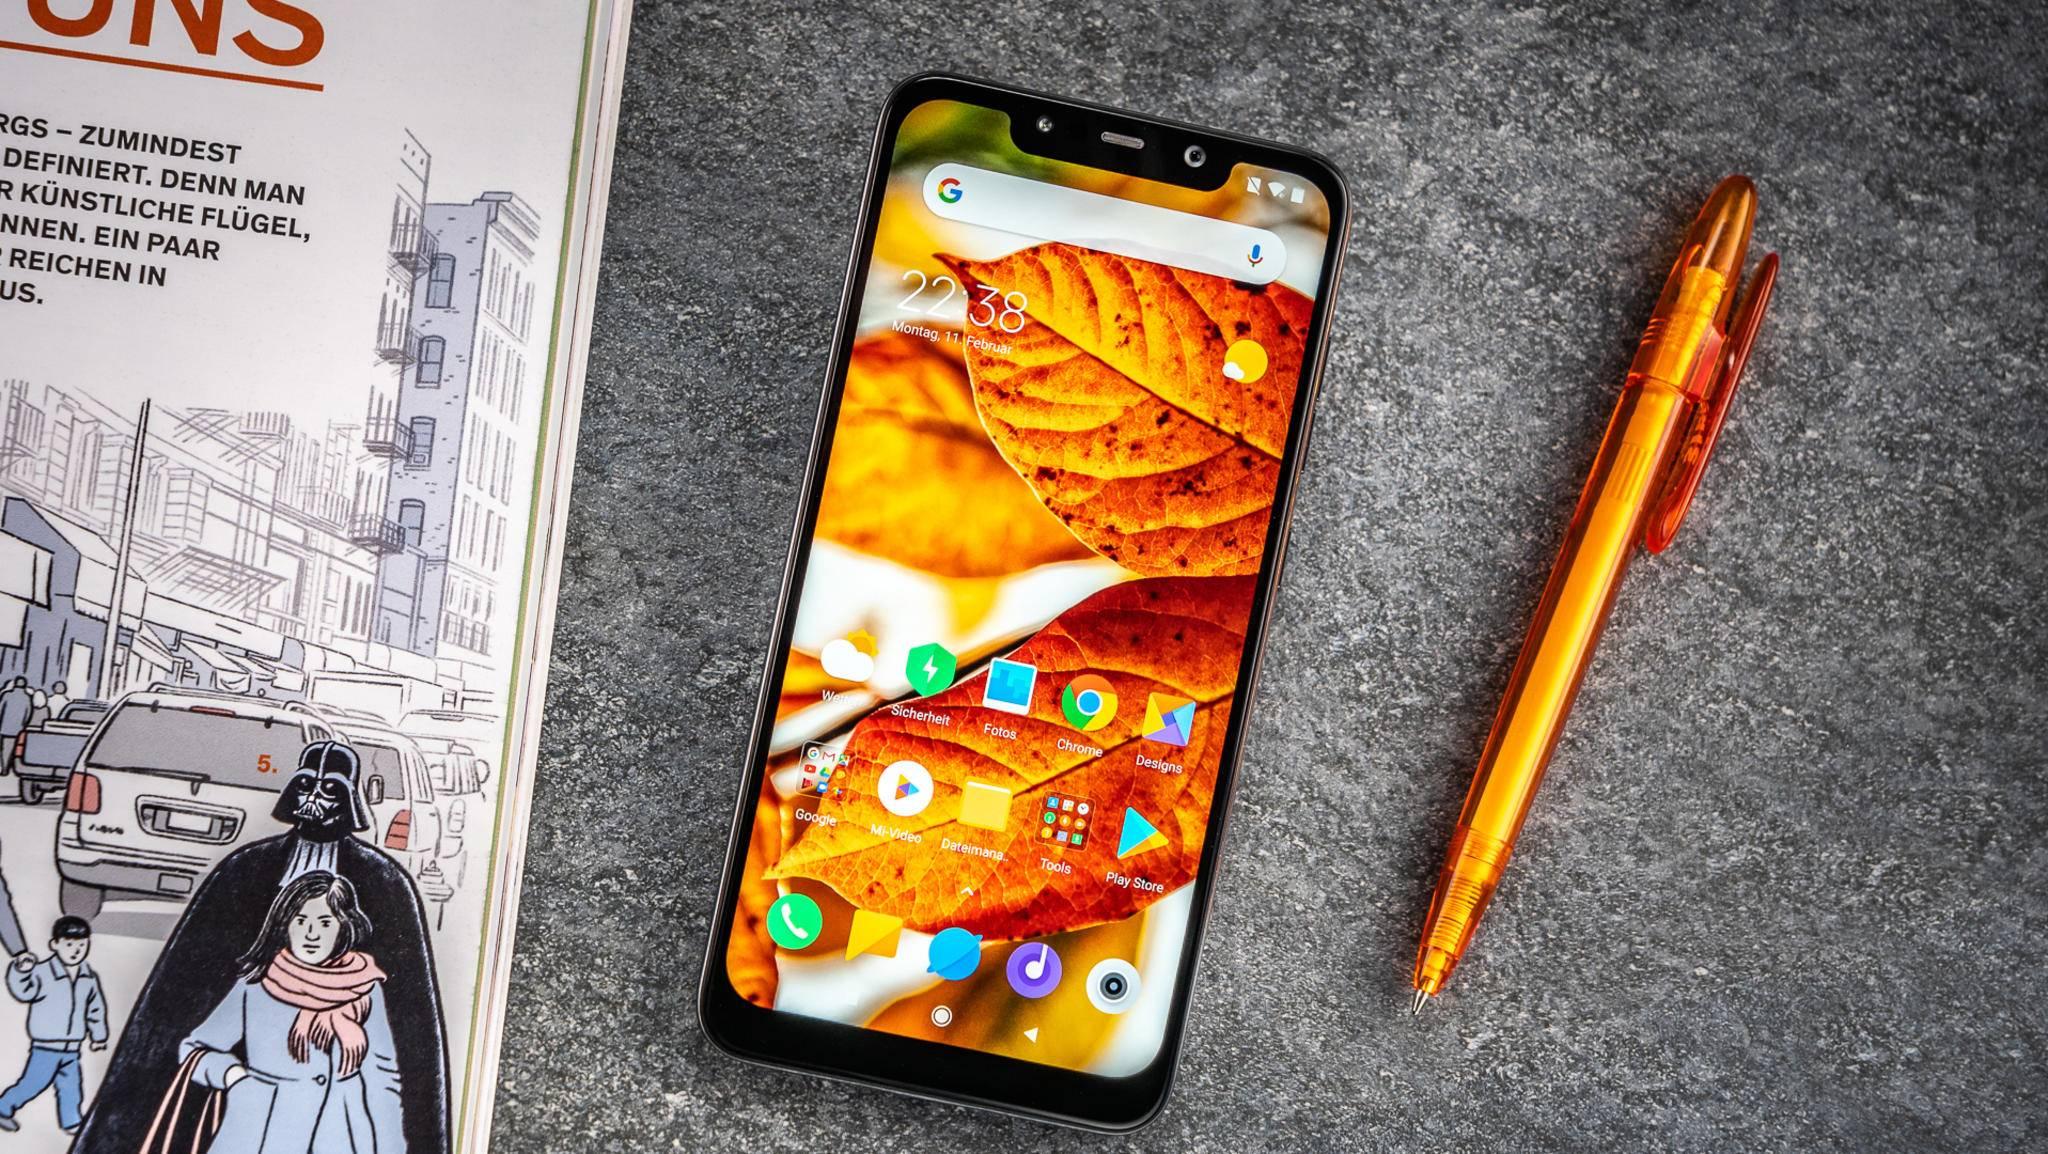 Das Xiaomi Pocophone F1 ist für ein Flaggschiff-Handy auffallend günstig.